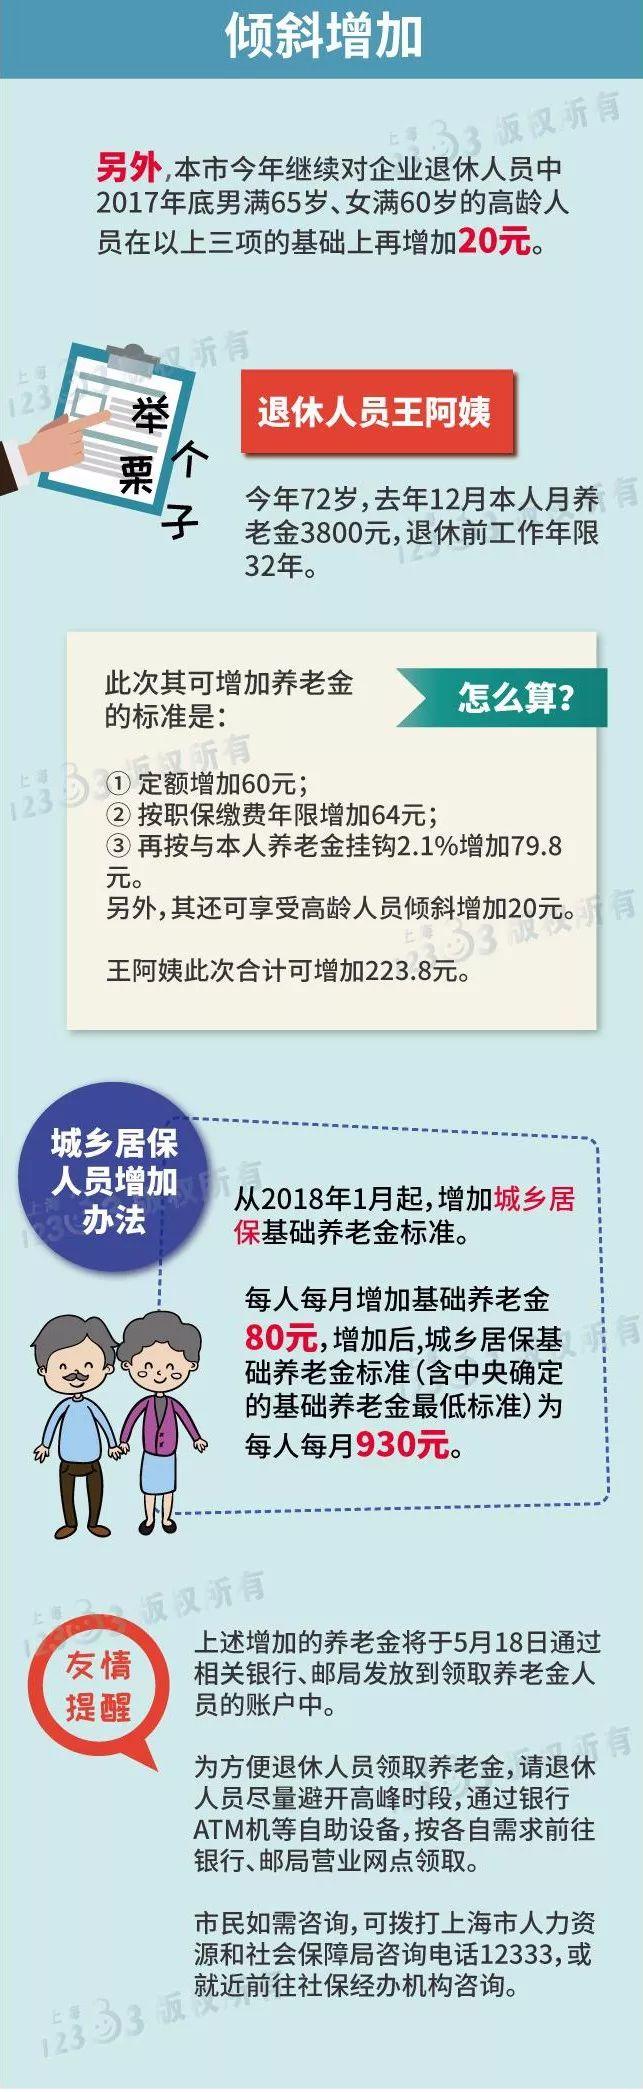 2018上海养老金调整政策公布: 定额增加60元/月 分三部分增加